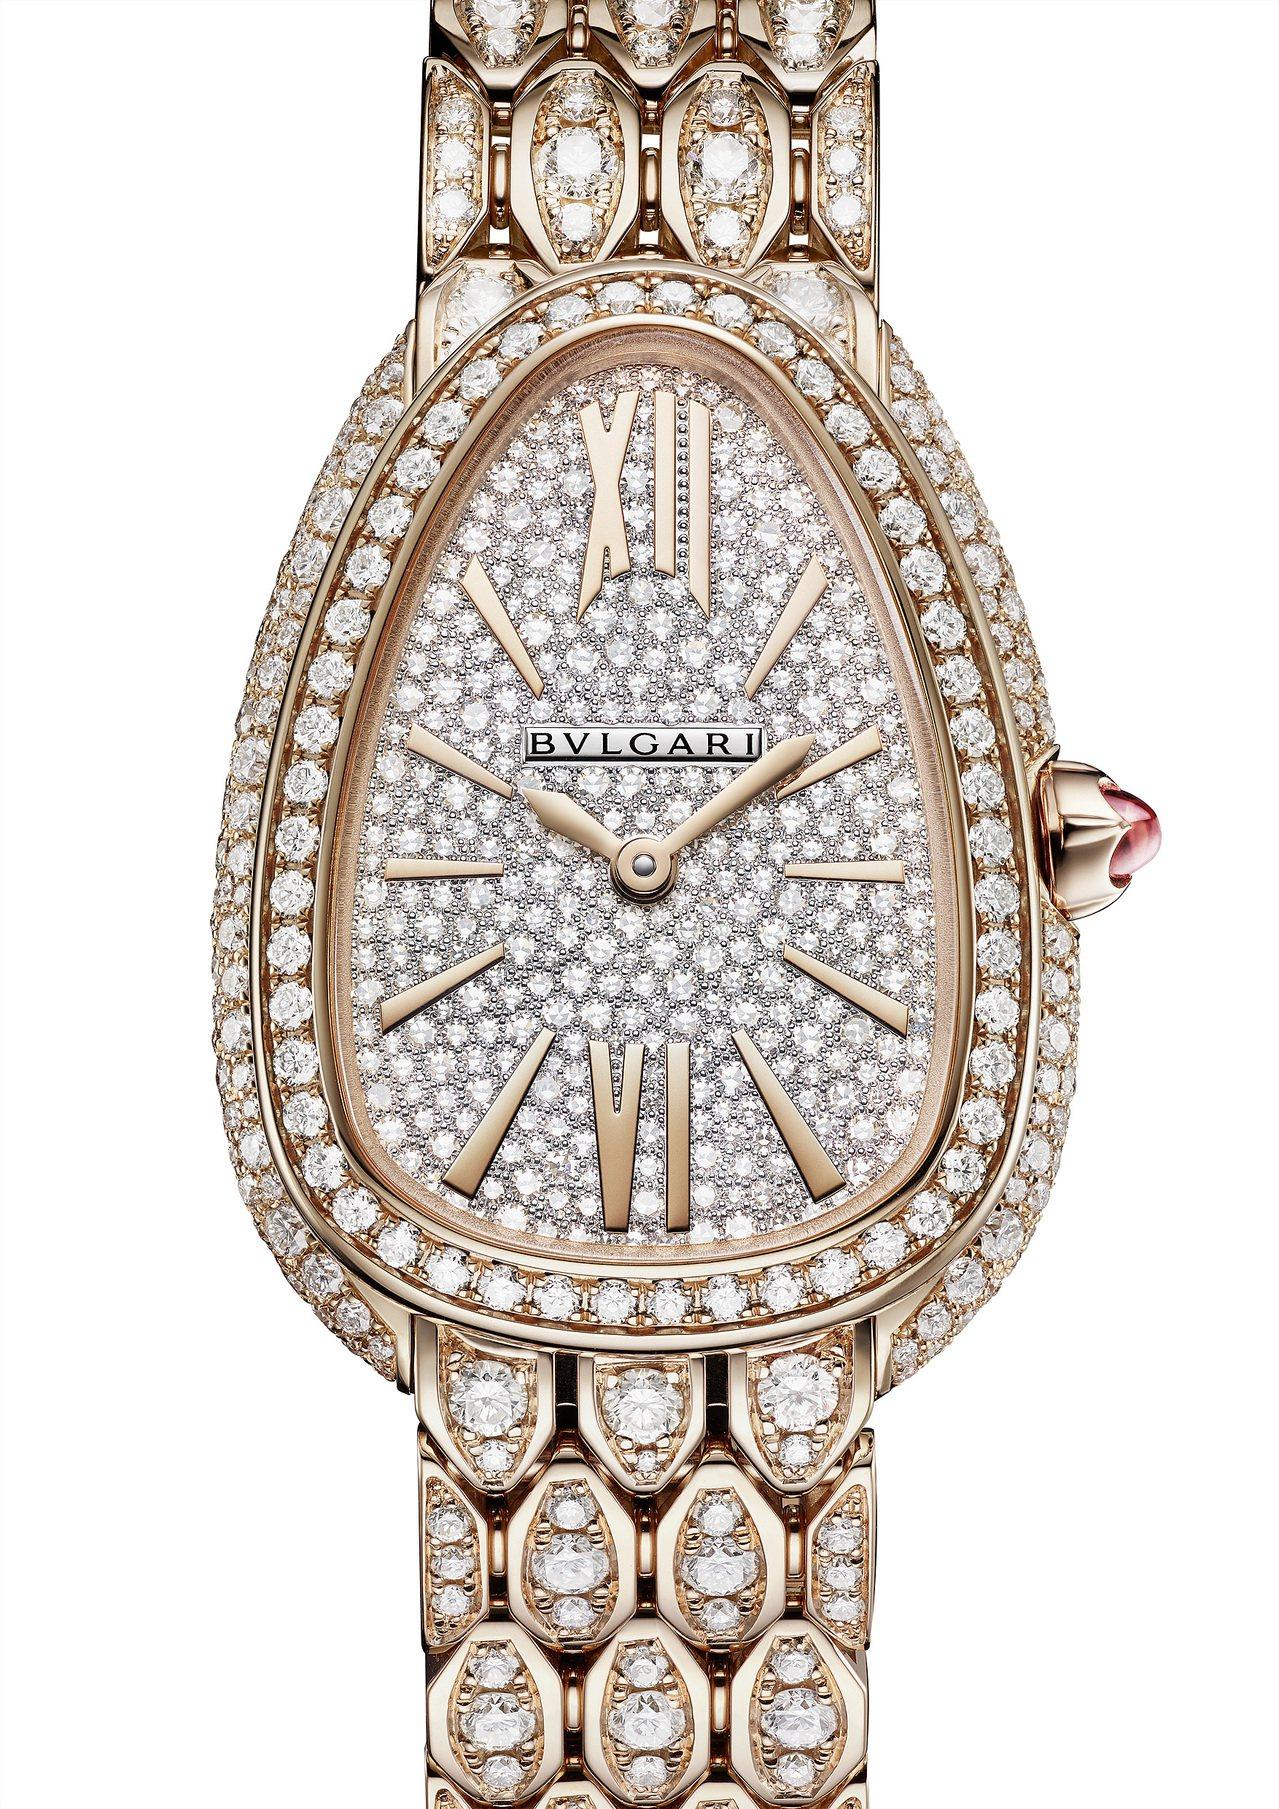 寶格麗Serpenti Seduttori系列玫瑰金腕表,18K玫瑰金表殼、表鍊...